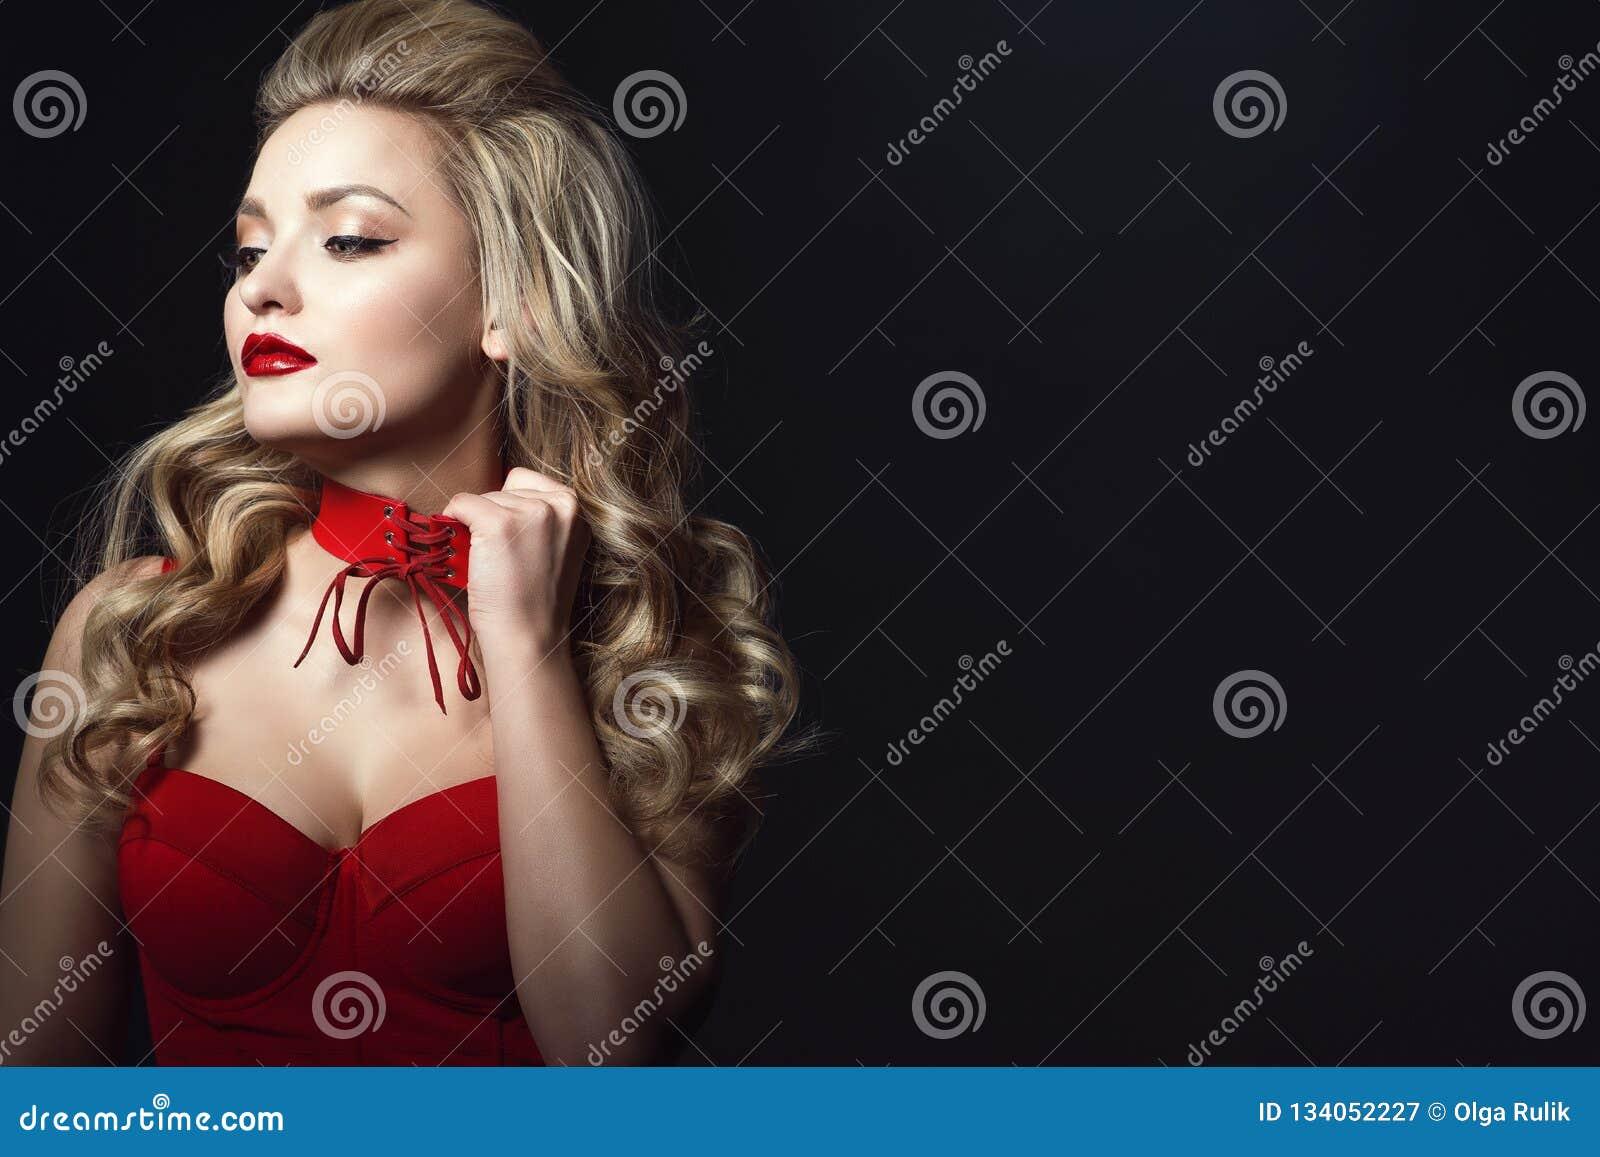 Bello modello biondo che indossa cima attaccata corsetto rosso che prova a decollare girocollo legato per prendere un respiro